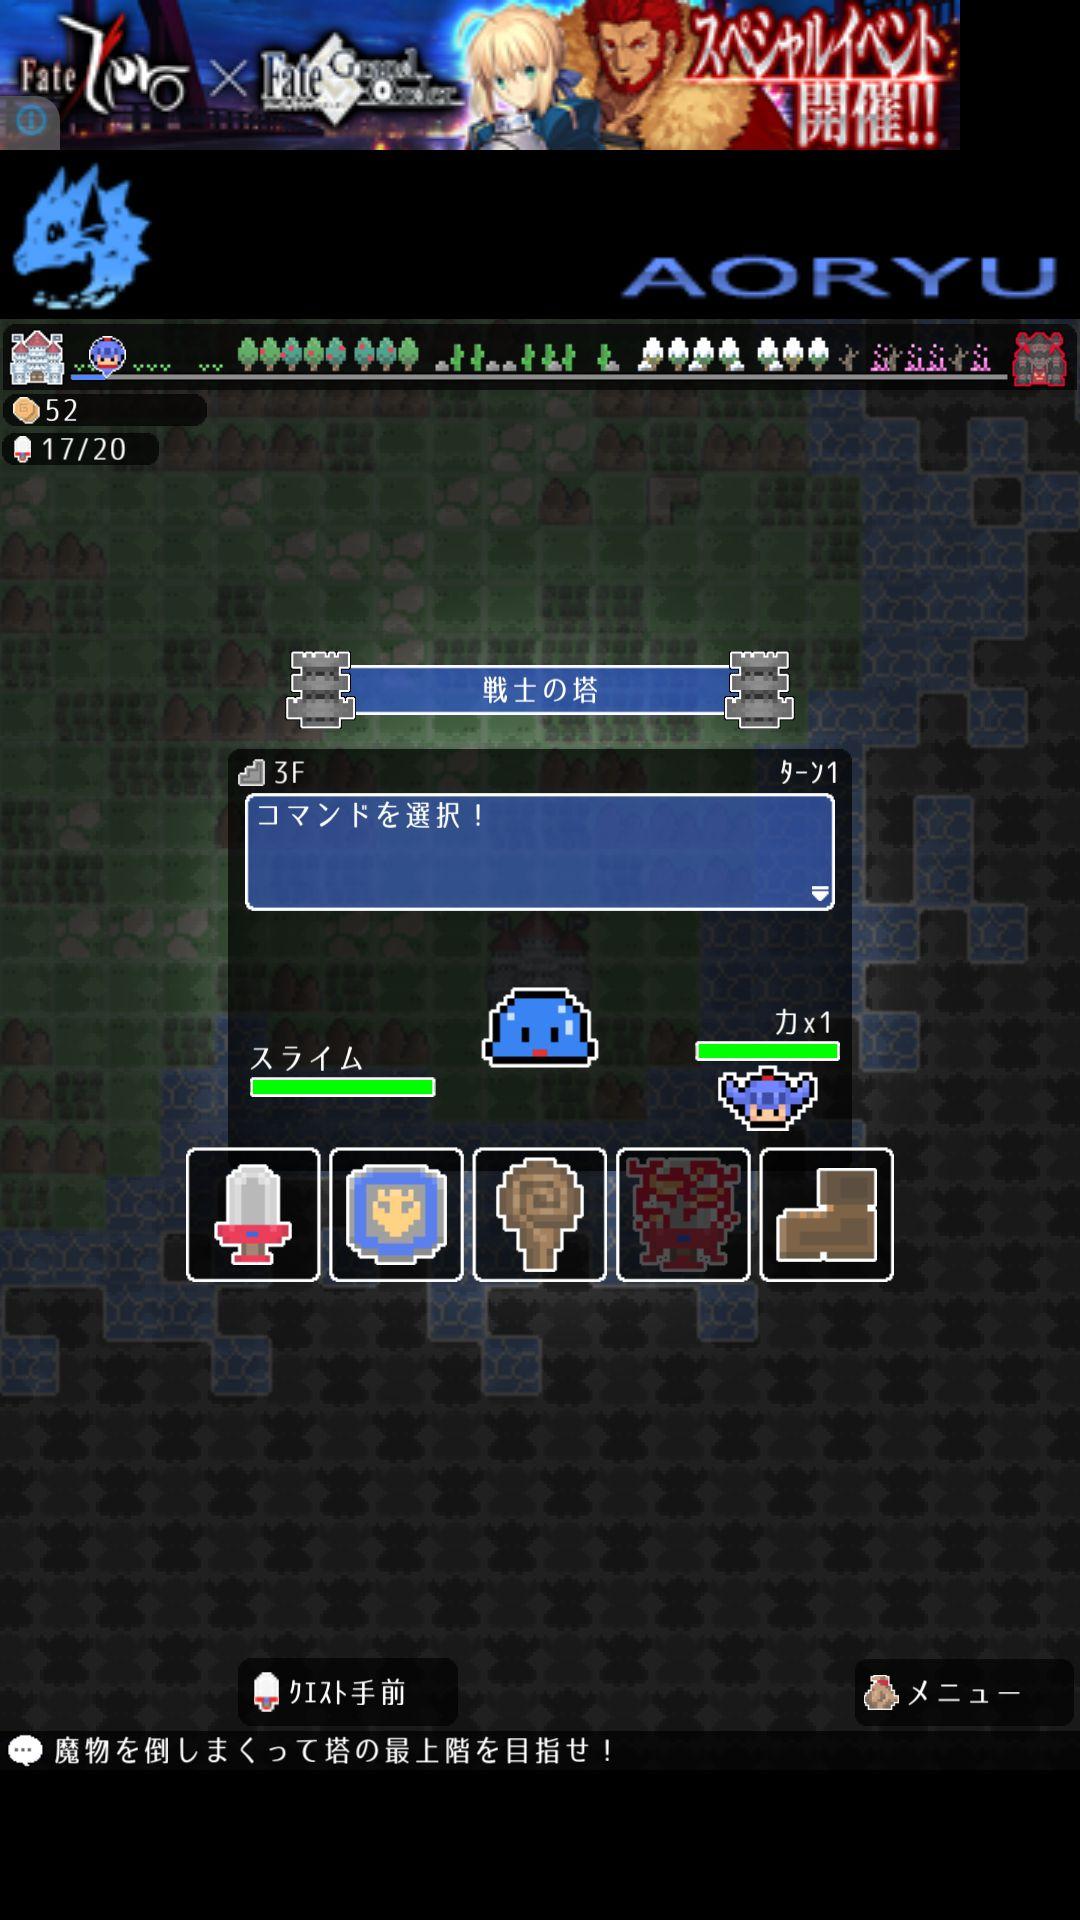 レベル上げ! androidアプリスクリーンショット1